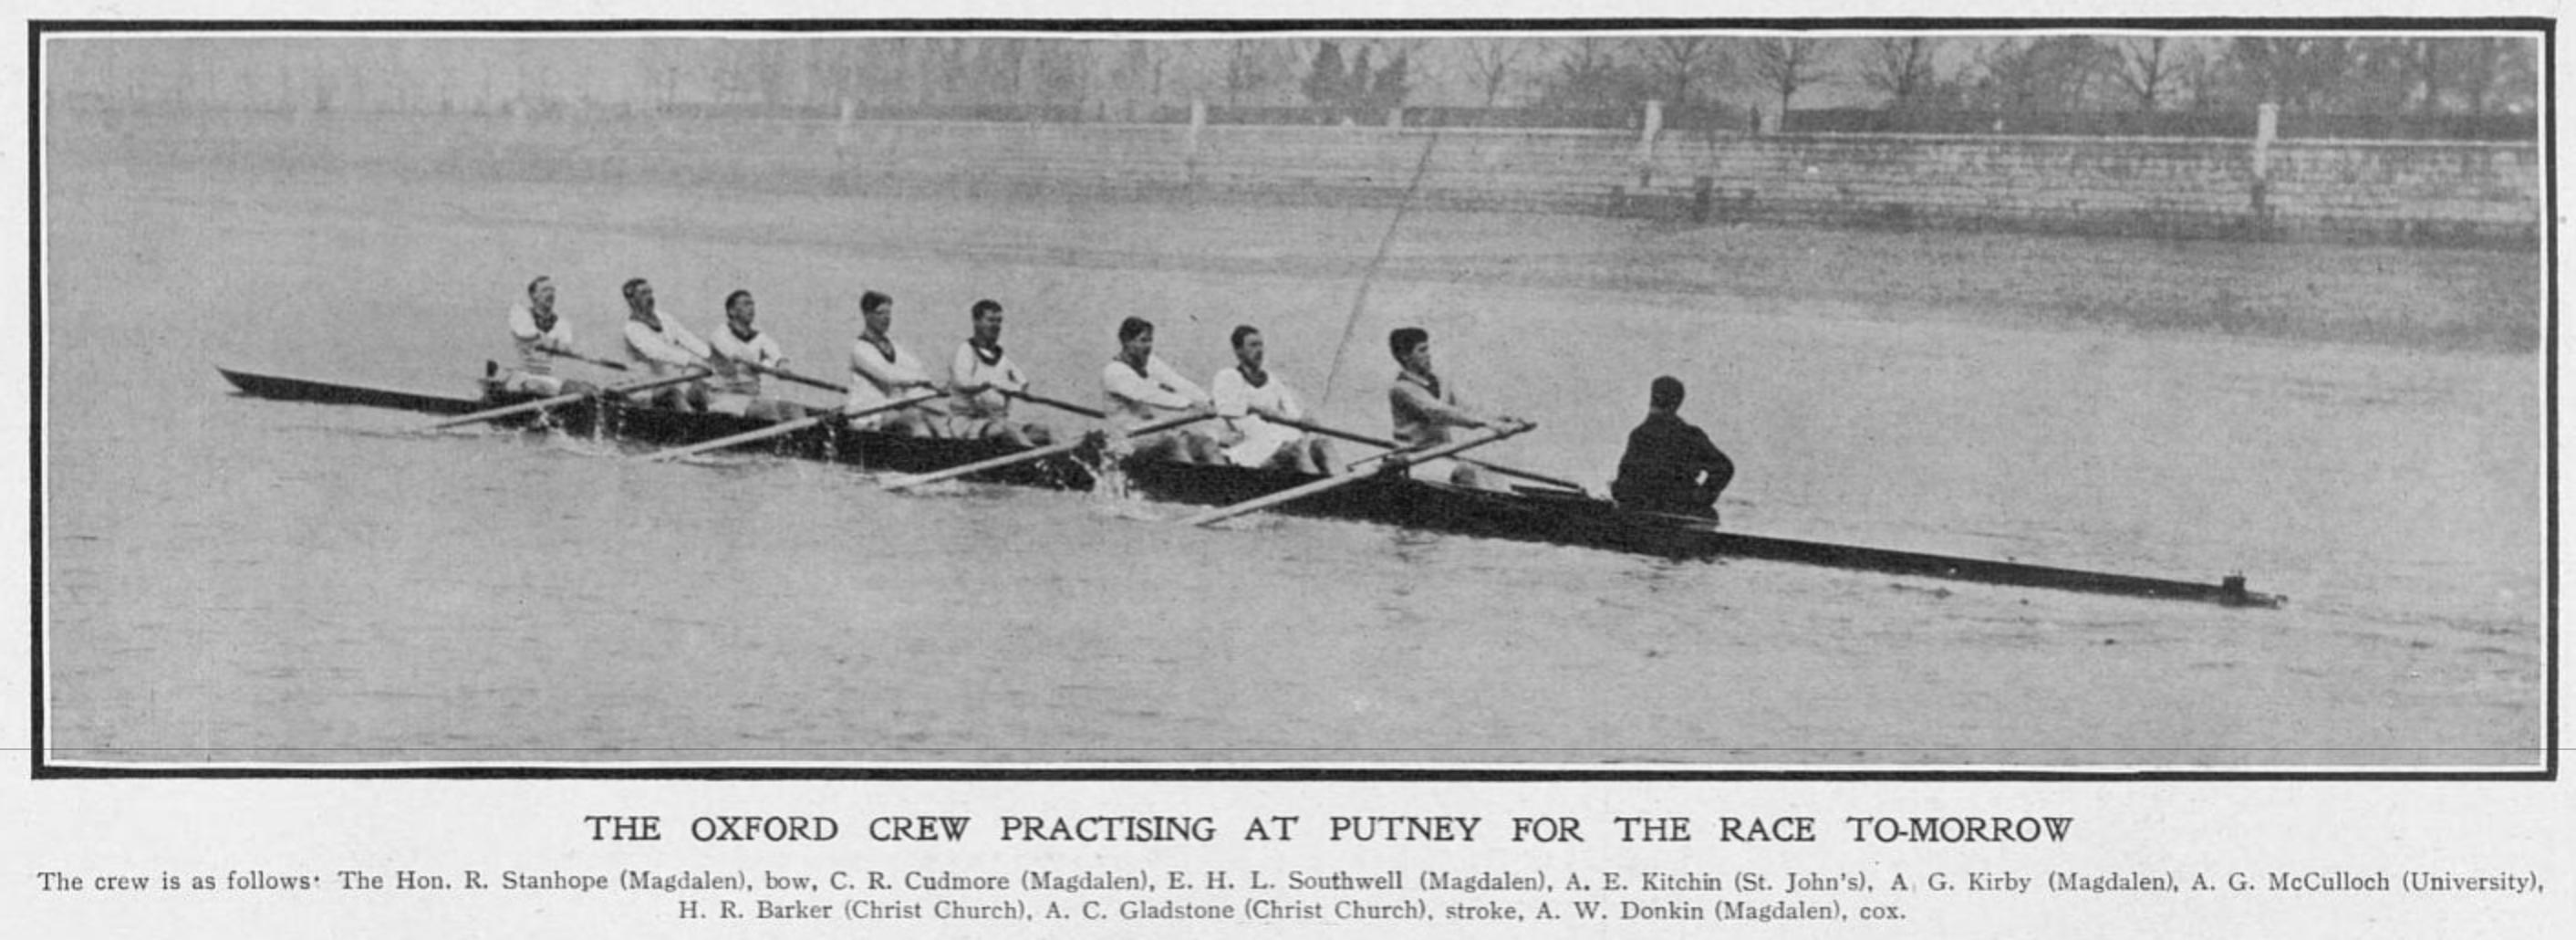 Cudmore rowing Sphere 4 April 1908 pg 13